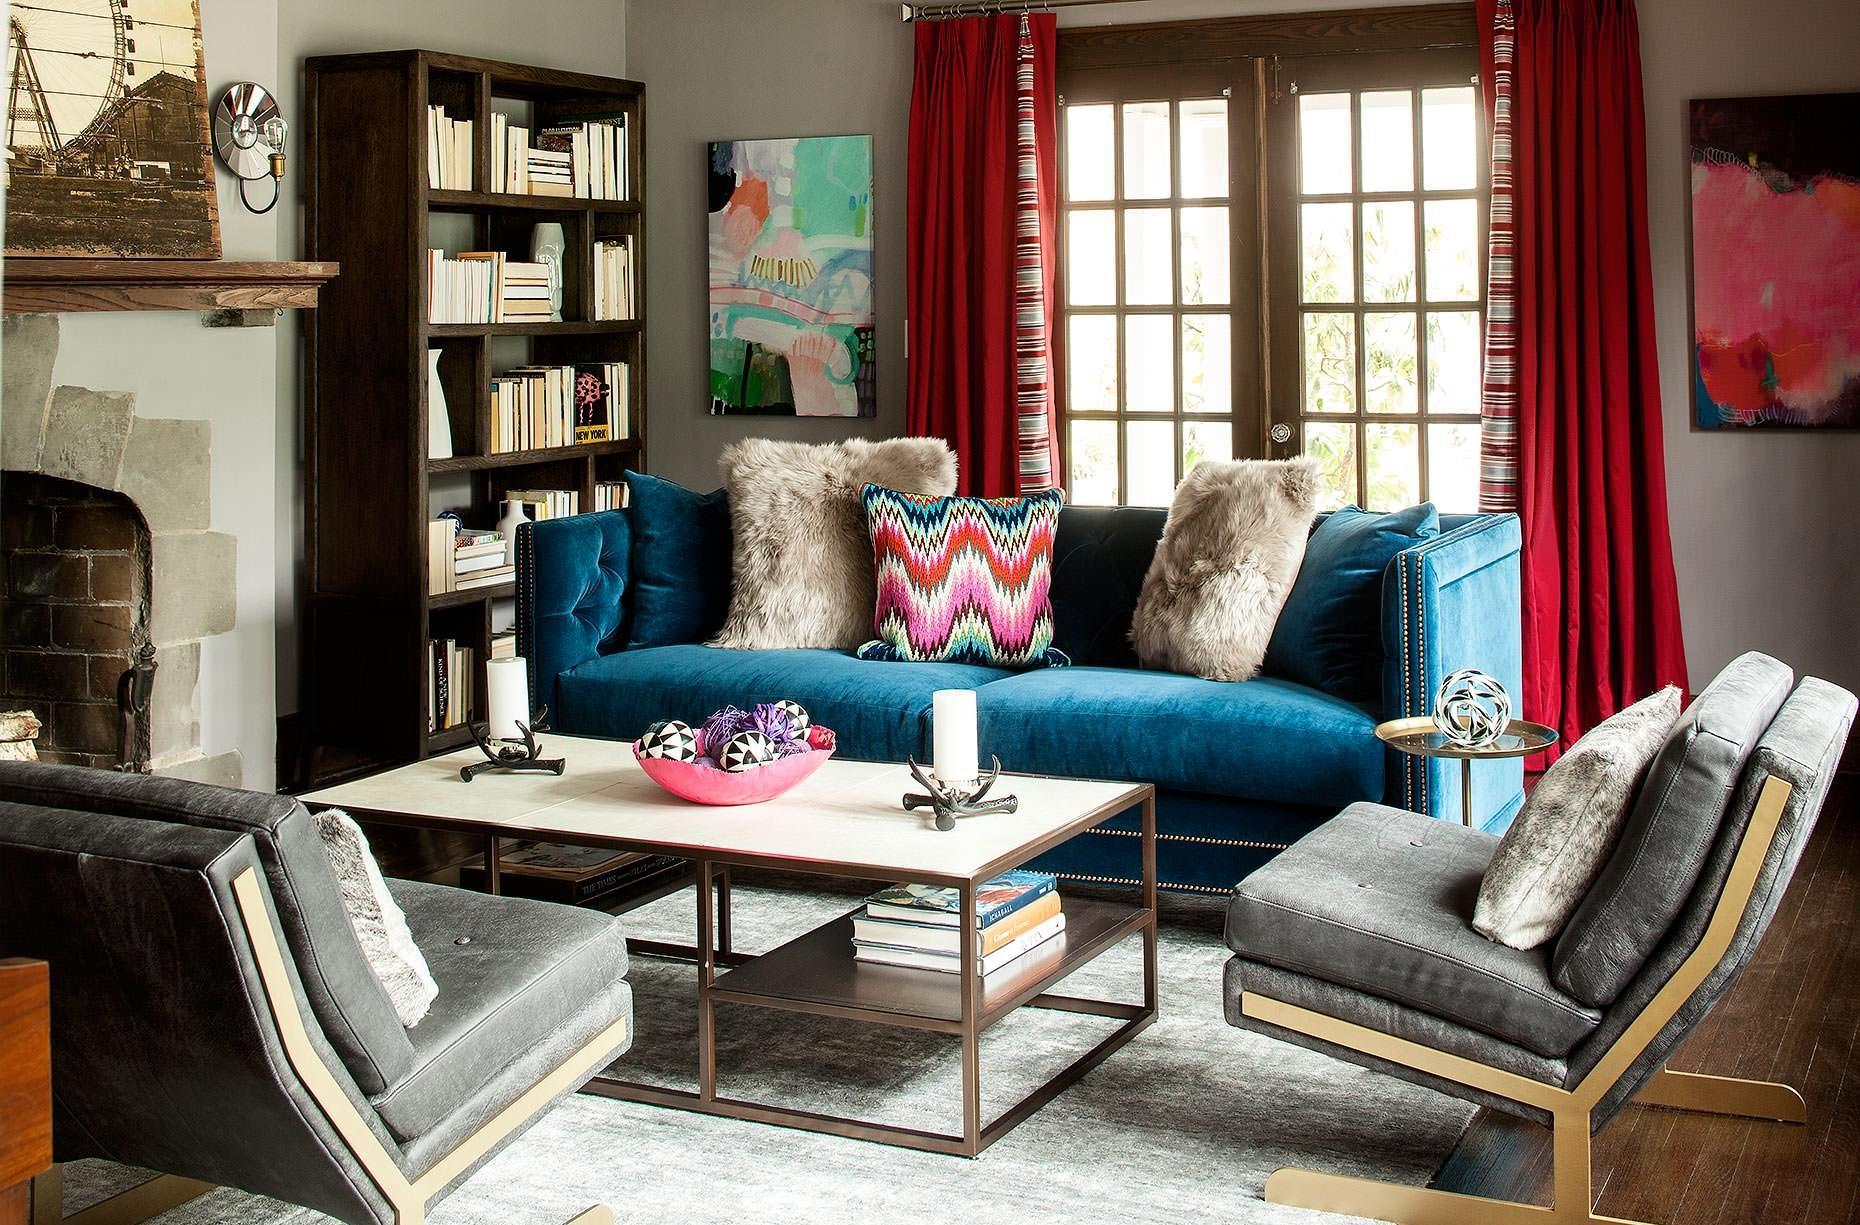 Акцент на синий диван в интерьере в стиле бохо